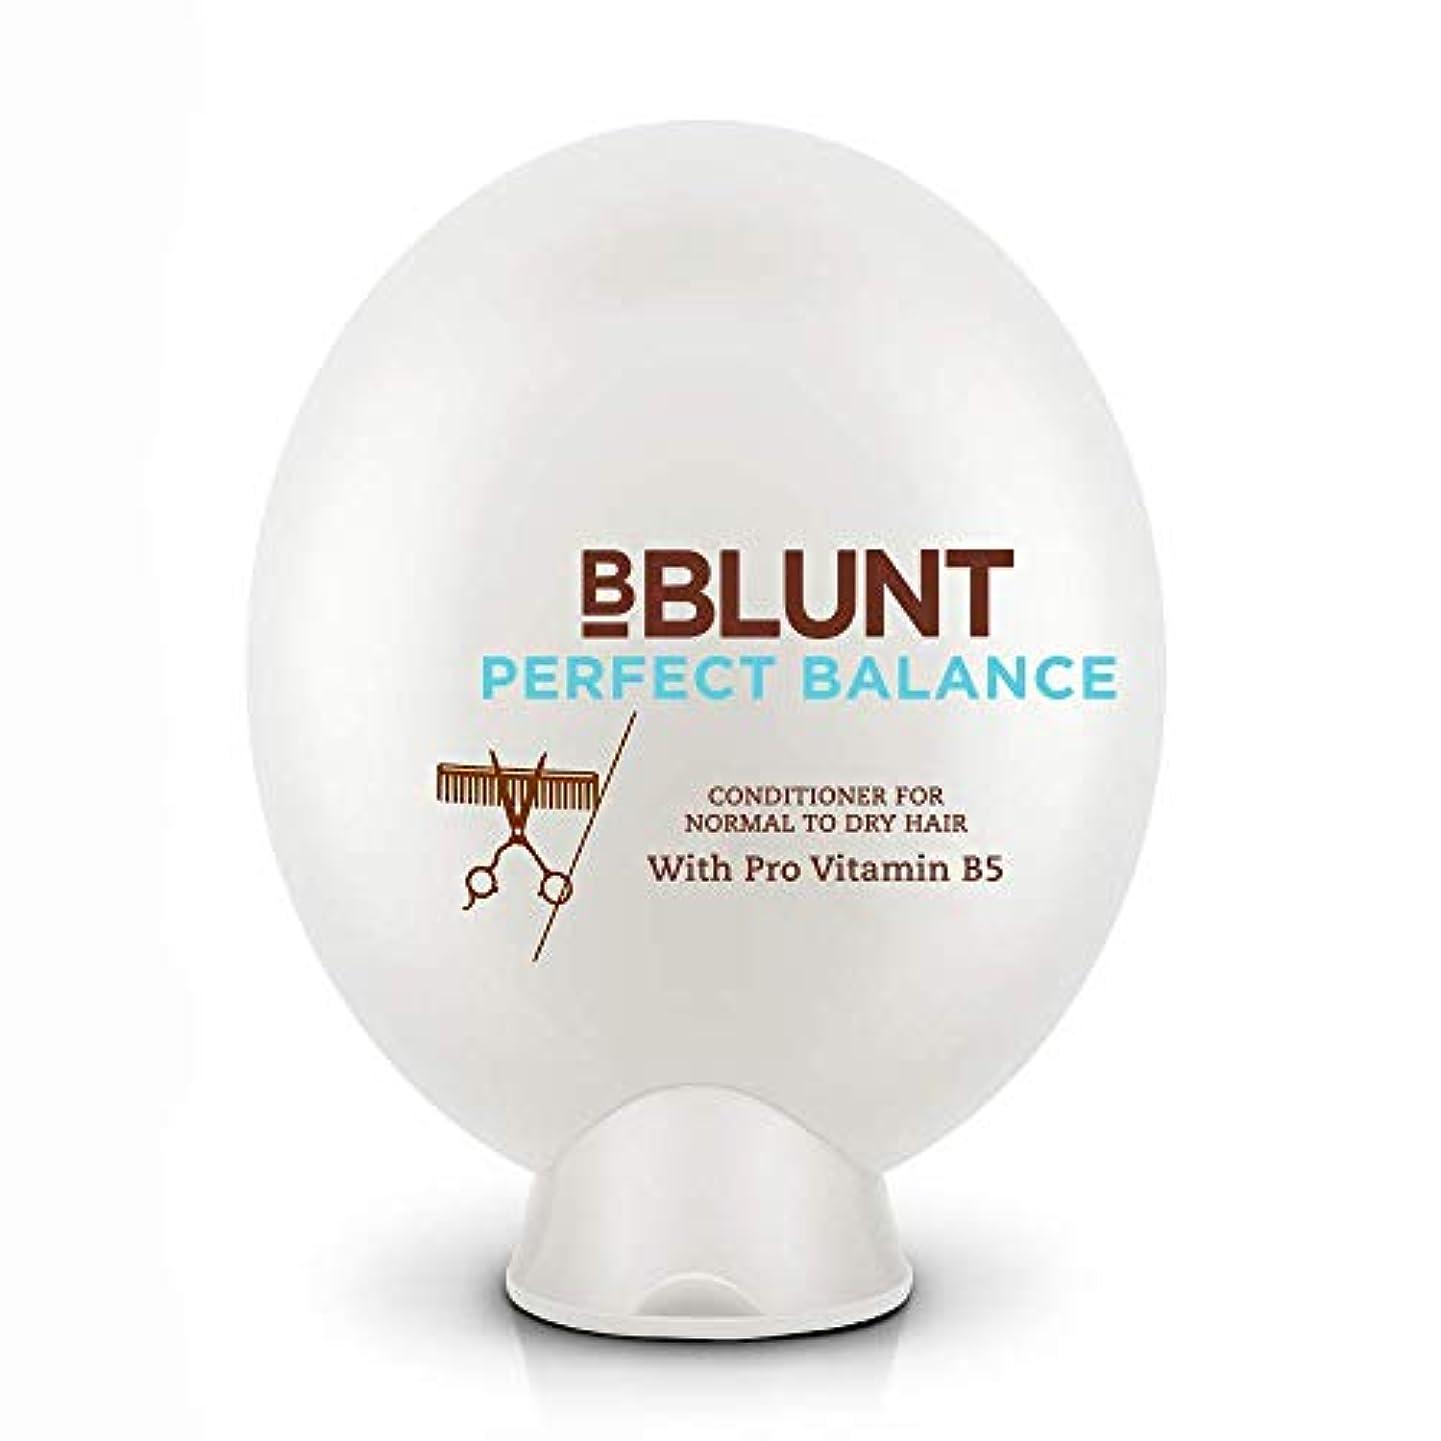 不平を言う刃状況BBLUNT Perfect Balance Conditioner for Normal To Dry Hair, 200g (Provitamin B5)